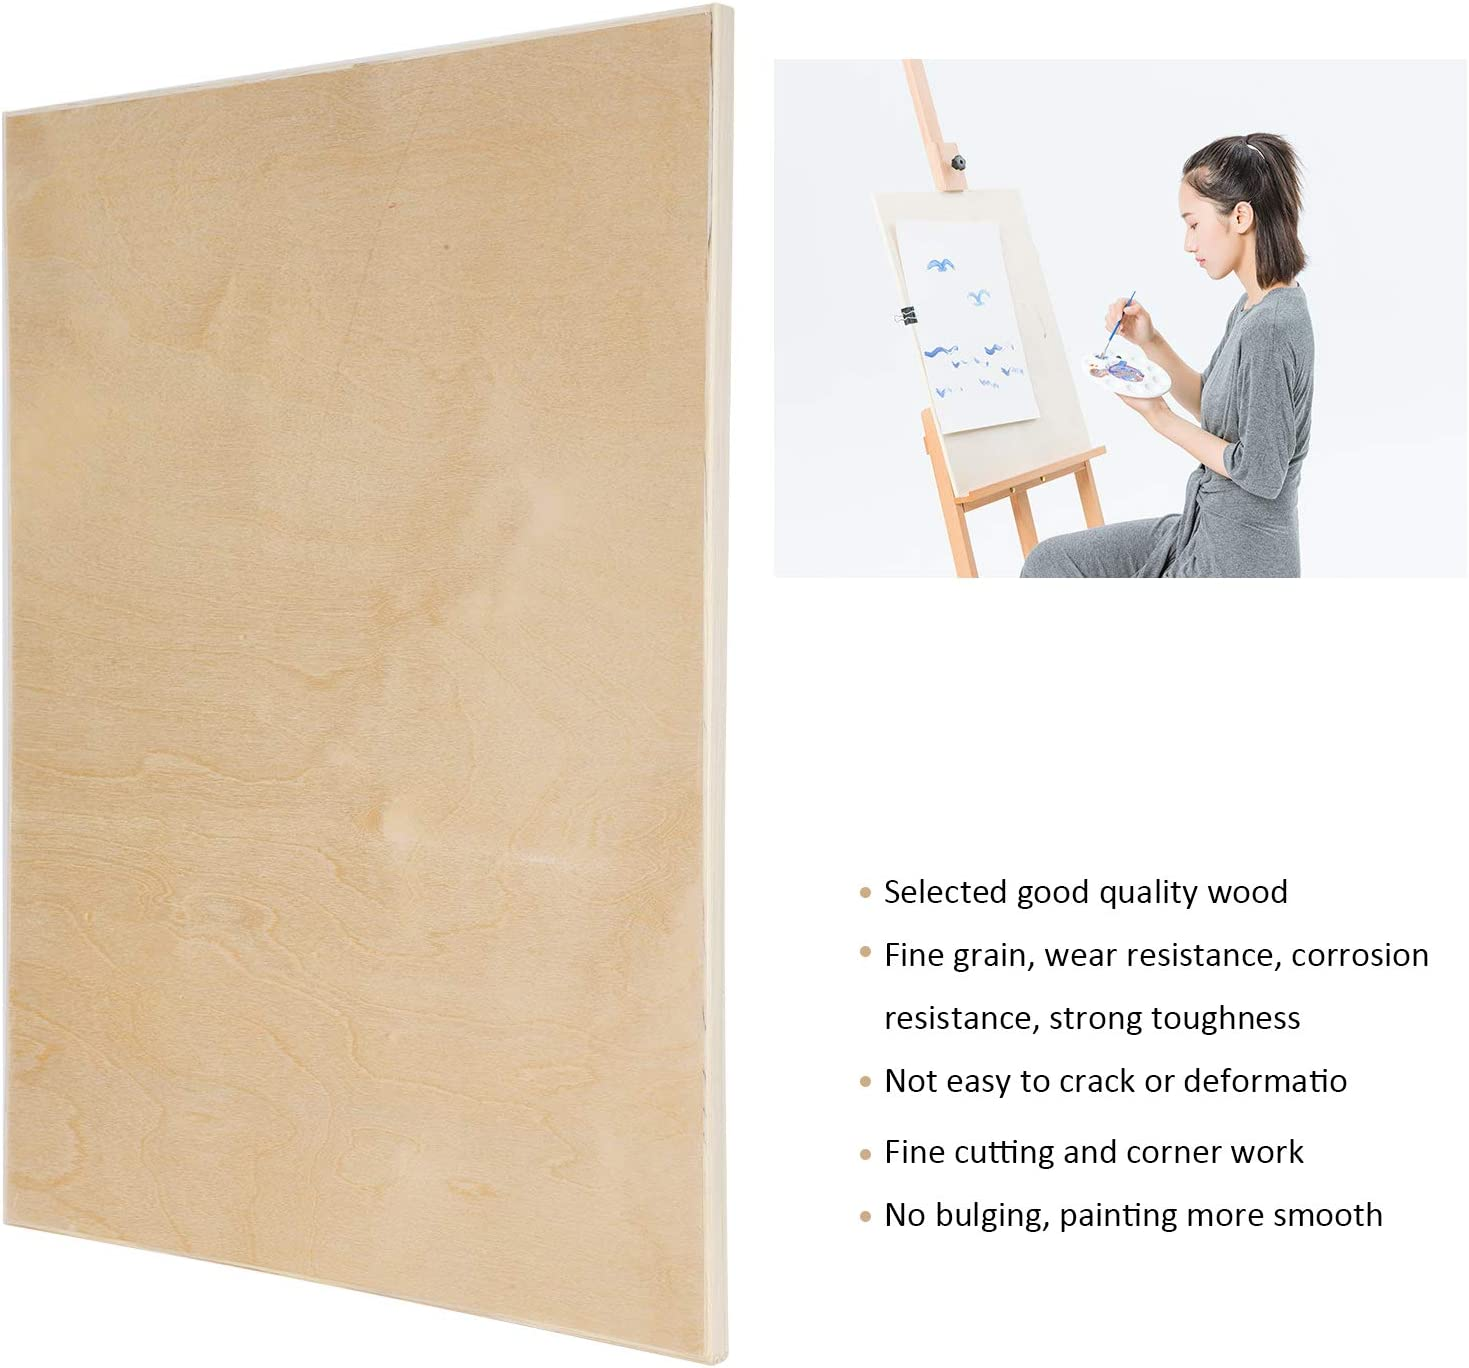 Zeichnen Holzstich Holz Zeichenbrett 4K Hohlskizze Kinder Kunst Malerei Staffelei Perfekt f/ür Kunsthandwerk Schulprojekte und DIY-Projekte Malen